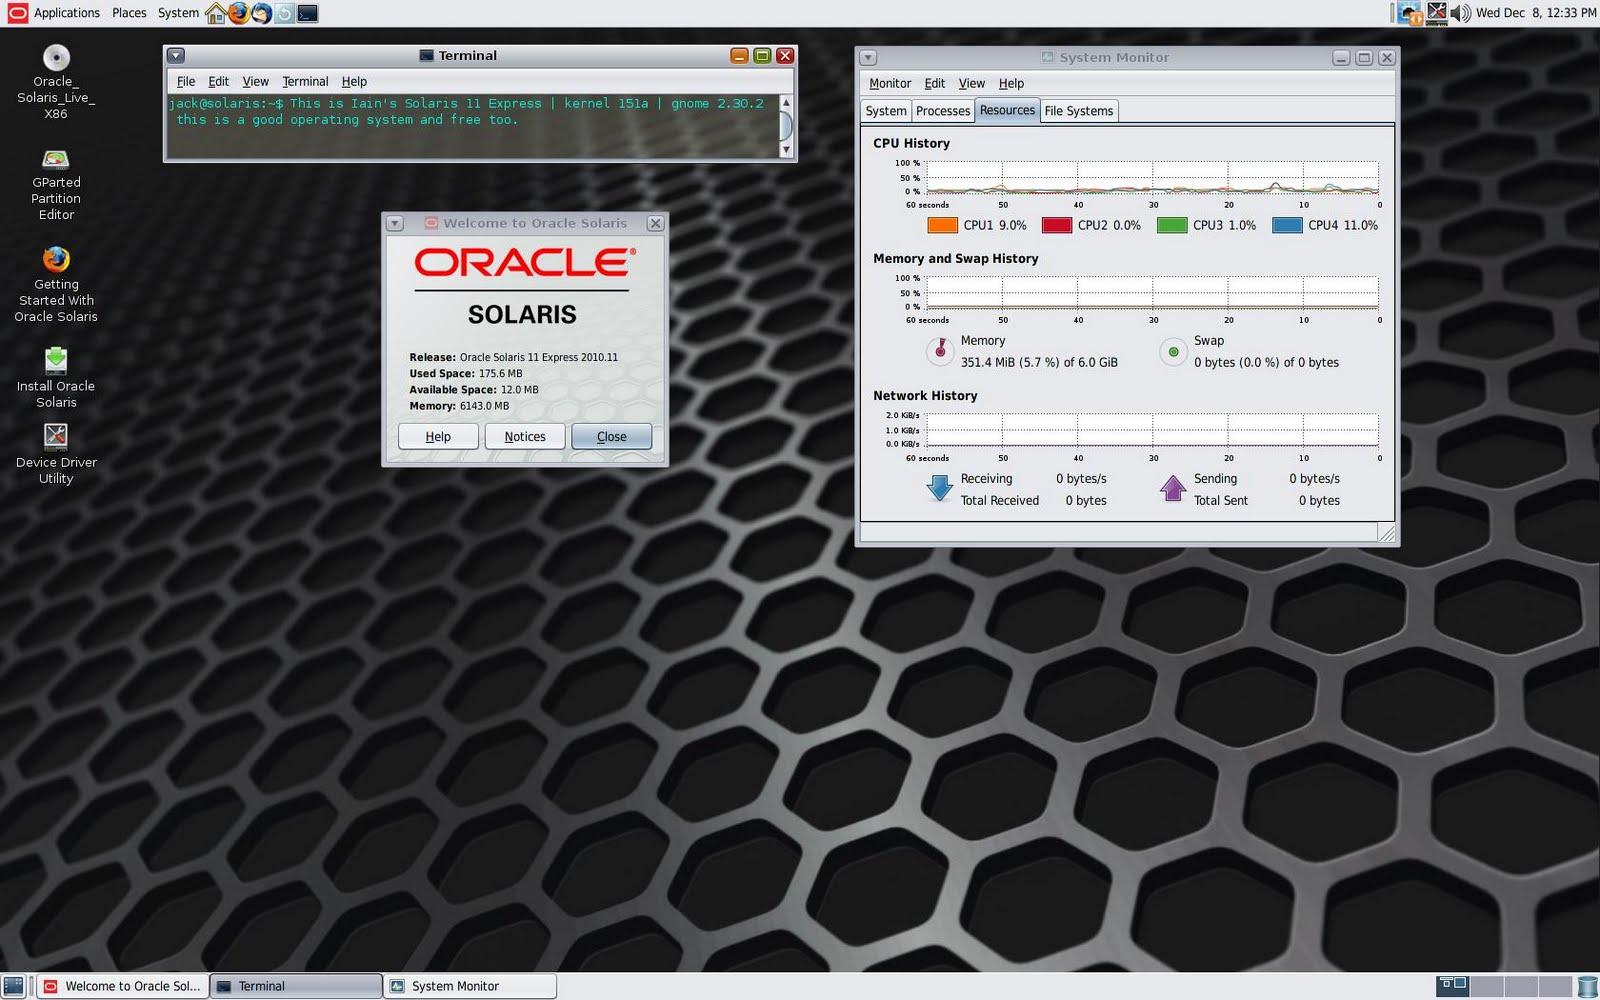 Oracle увольняет разработчиков Solaris